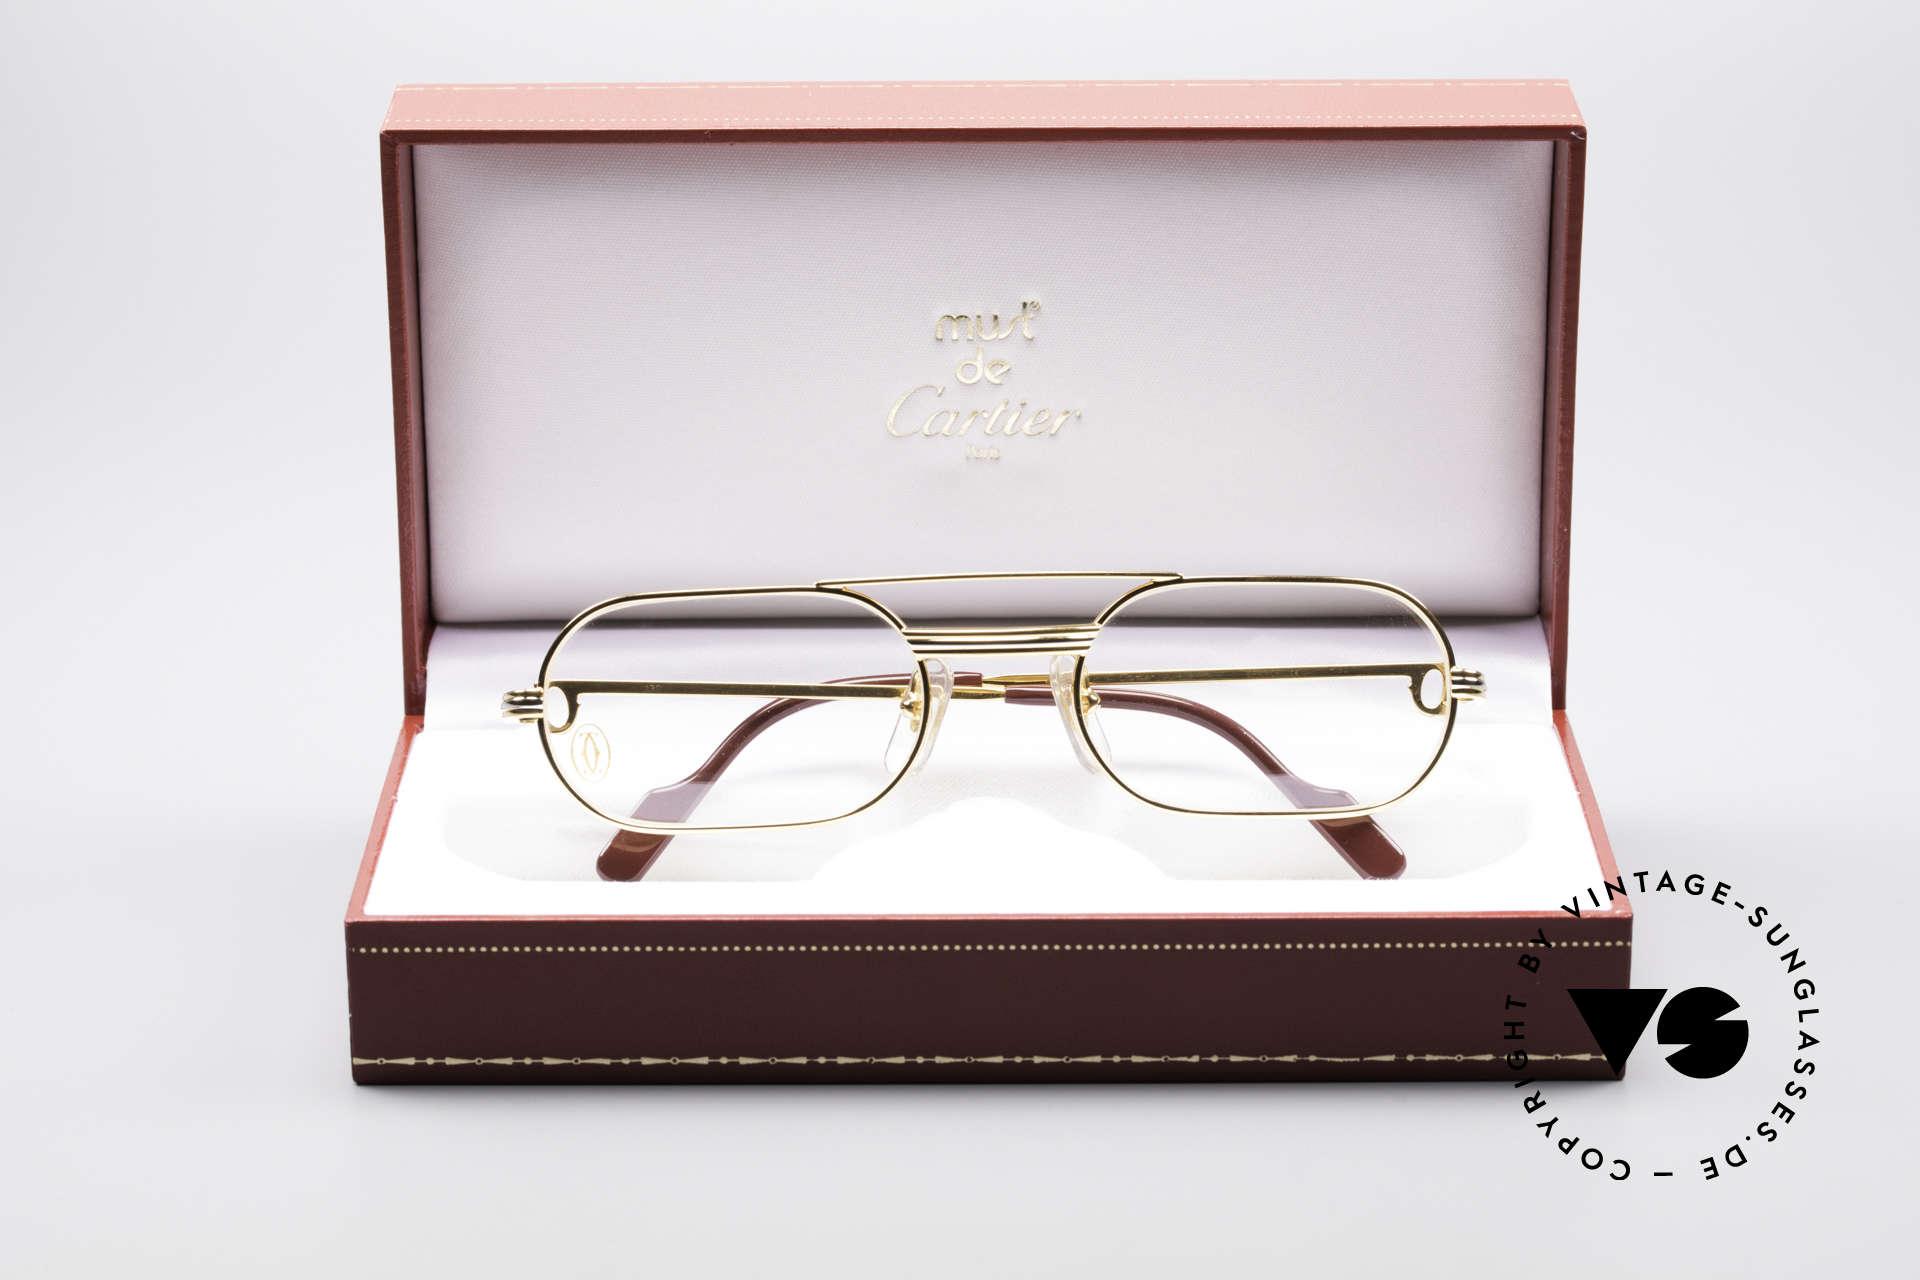 Cartier MUST LC - S Elton John Luxus Fassung, KEIN RETRO; ein 35 Jahre altes vintage ORIGINAL!, Passend für Herren